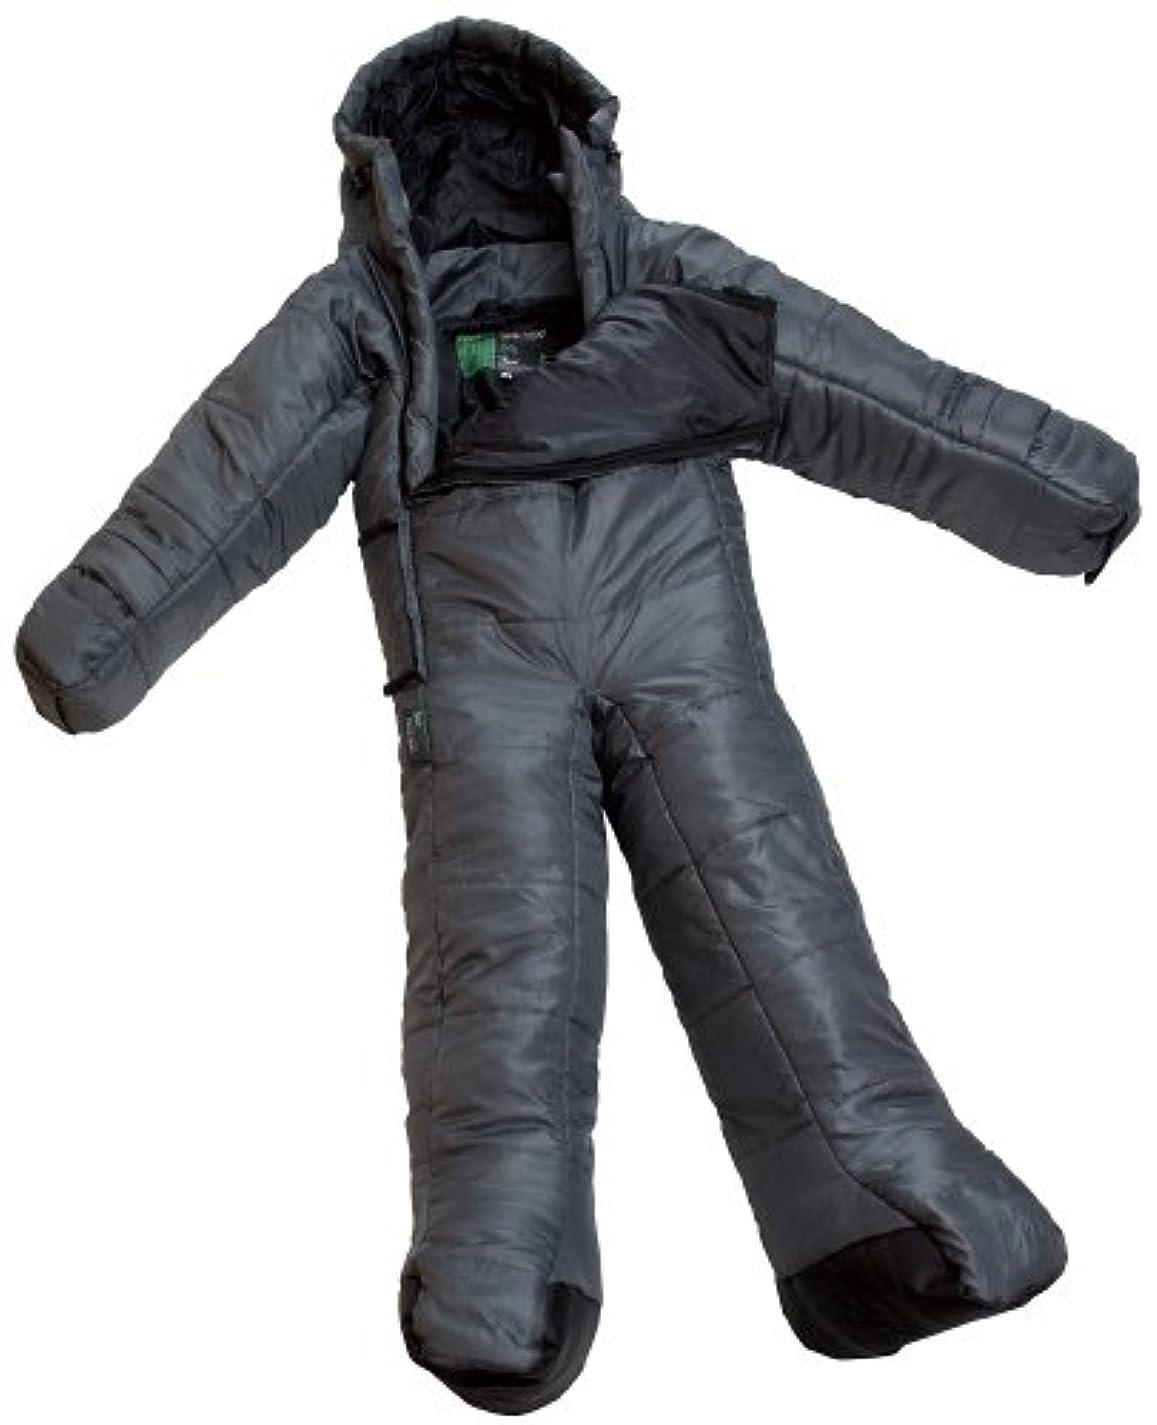 意外土砂降り本selk'bag(セルクバッグ) 4G lite Lサイズ [最低使用温度8度] 2SB340DSL